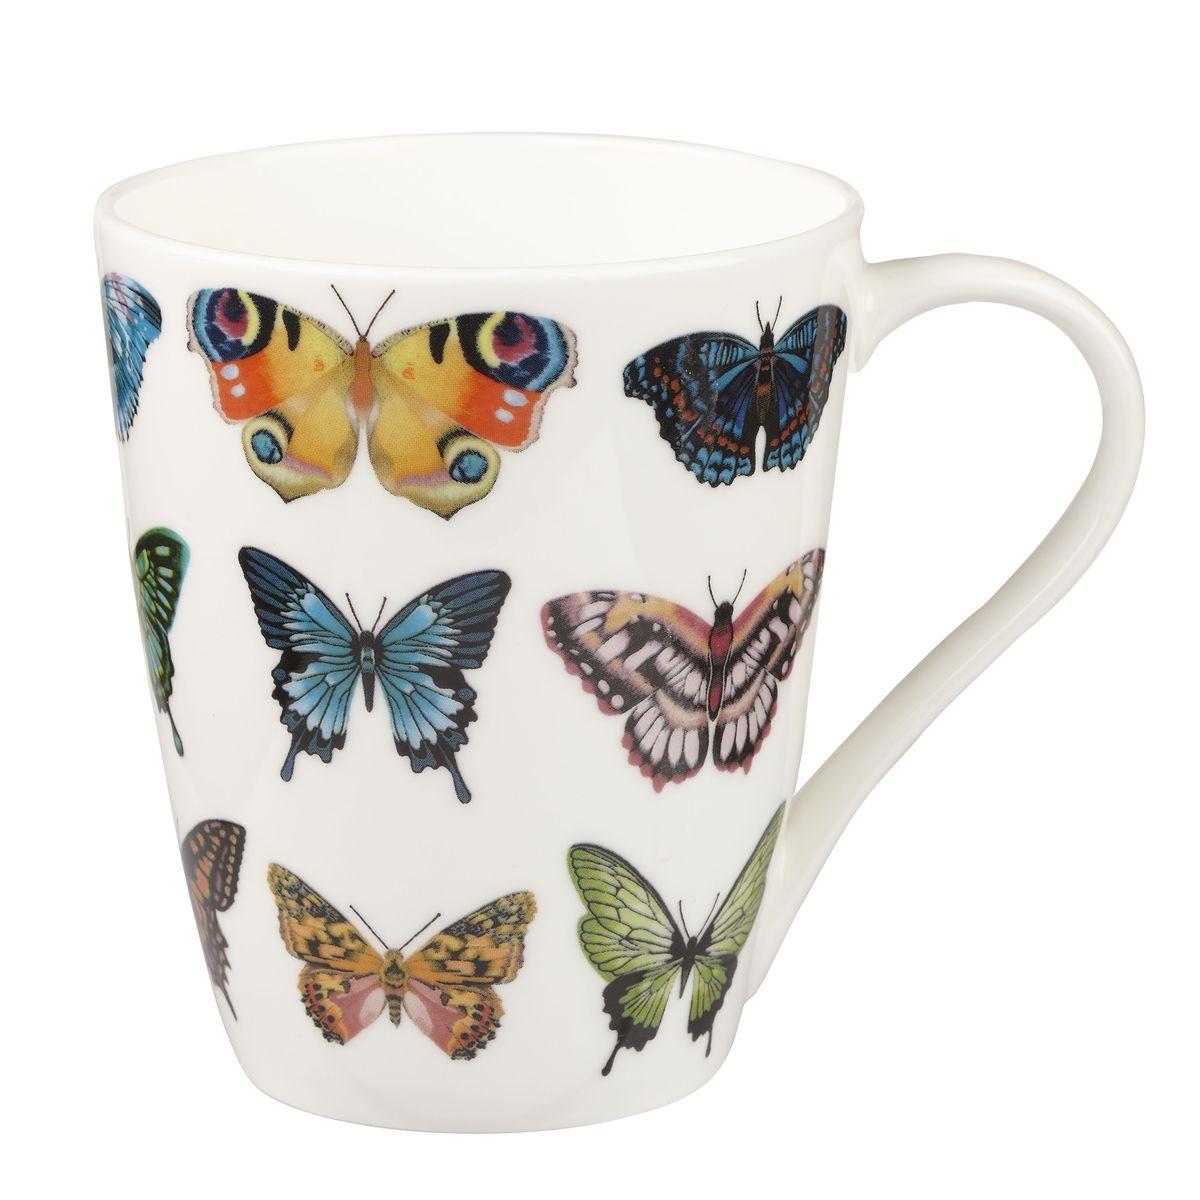 Кружка Churchill Бабочки, цвет: белый, оранжевый, синий, 425 млHARL00171Кружка Churchill Бабочки изготовлена из высококачественного костяного фарфора. Внешние стенки дополнены красочным изображением бабочек. Такая кружка отлично подойдет для горячих и холодных напитков. С ней ваши любимые напитки будут еще вкусней. Коллекция Арлекин красиво упакована в подарочные коробки. Можно мыть в посудомоечной машине. Можно использовать в микроволновой печи.